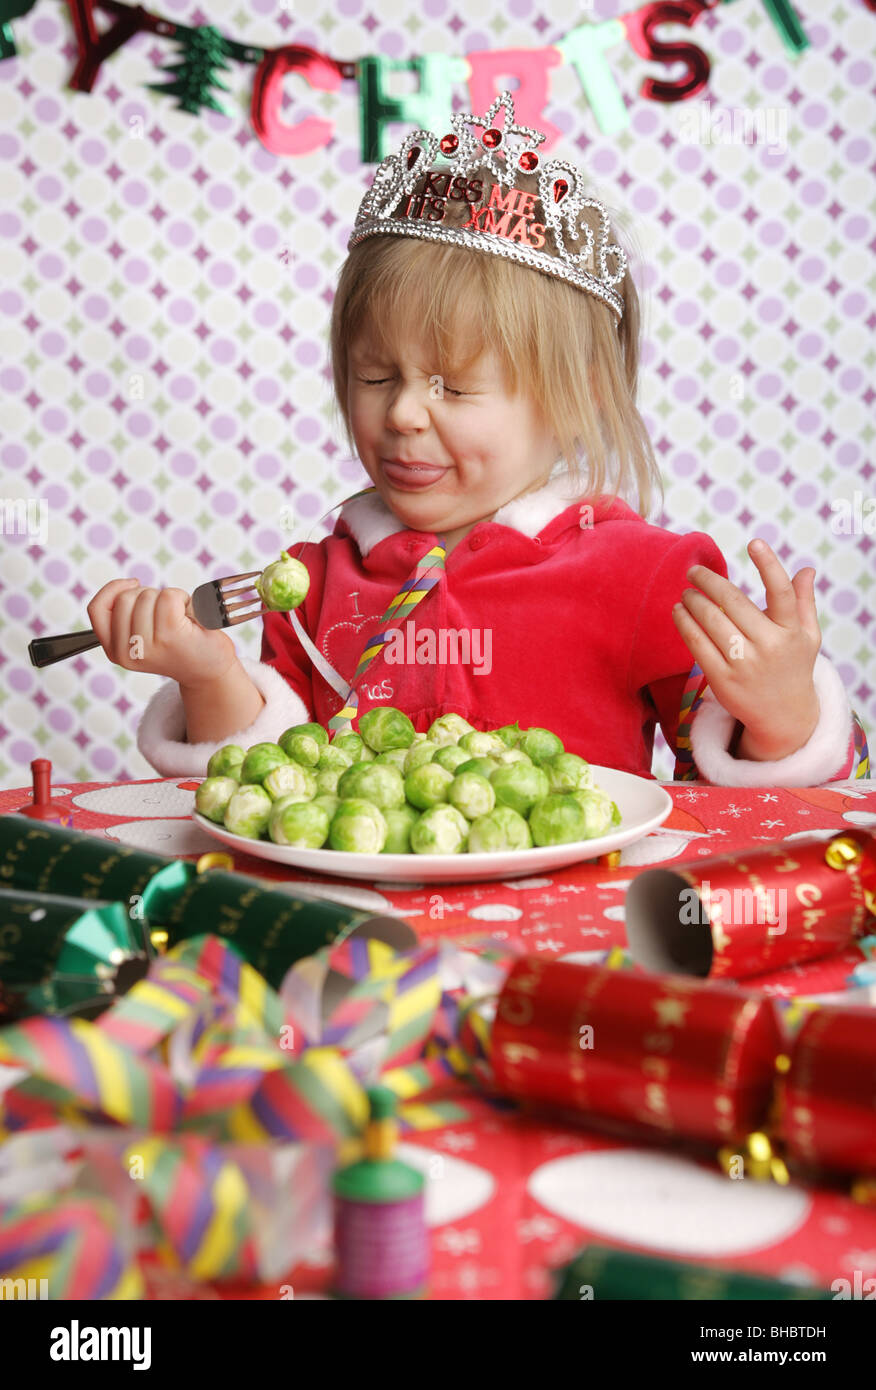 Un niño de 3 años sentado en una mesa con decoraciones de Navidad y un plato lleno de brotes tirando un Imagen De Stock